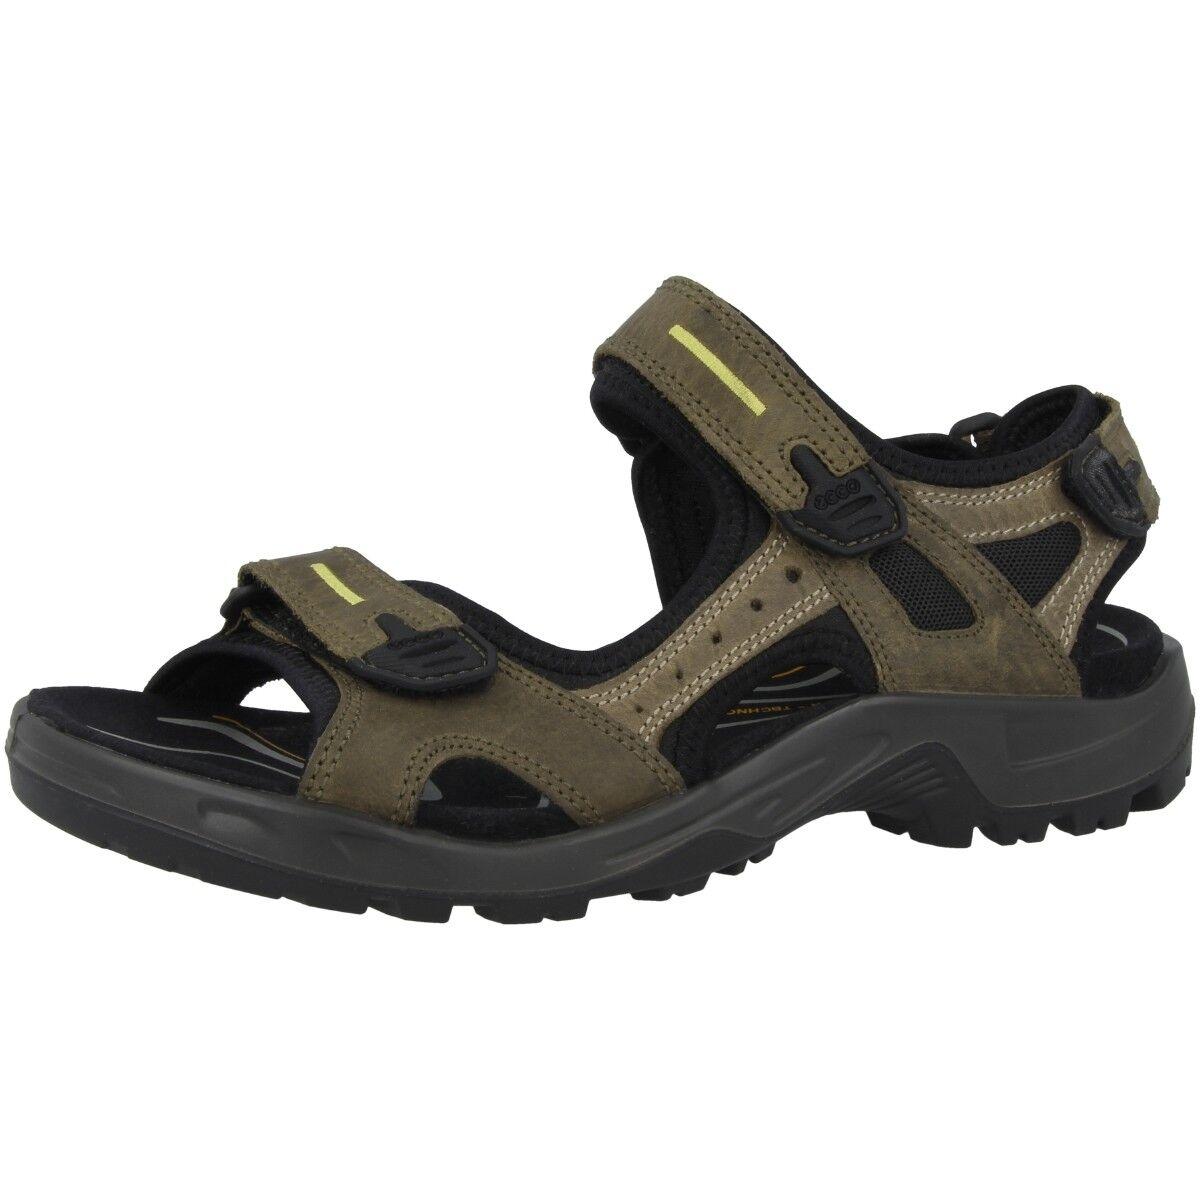 Ecco Offroad Yucatan Men Herren Sandale Schuhe tarmac moon 069564-56396 Trekking   | Spielen Sie auf der ganzen Welt und verhindern Sie, dass Ihre Kinder einsam sind